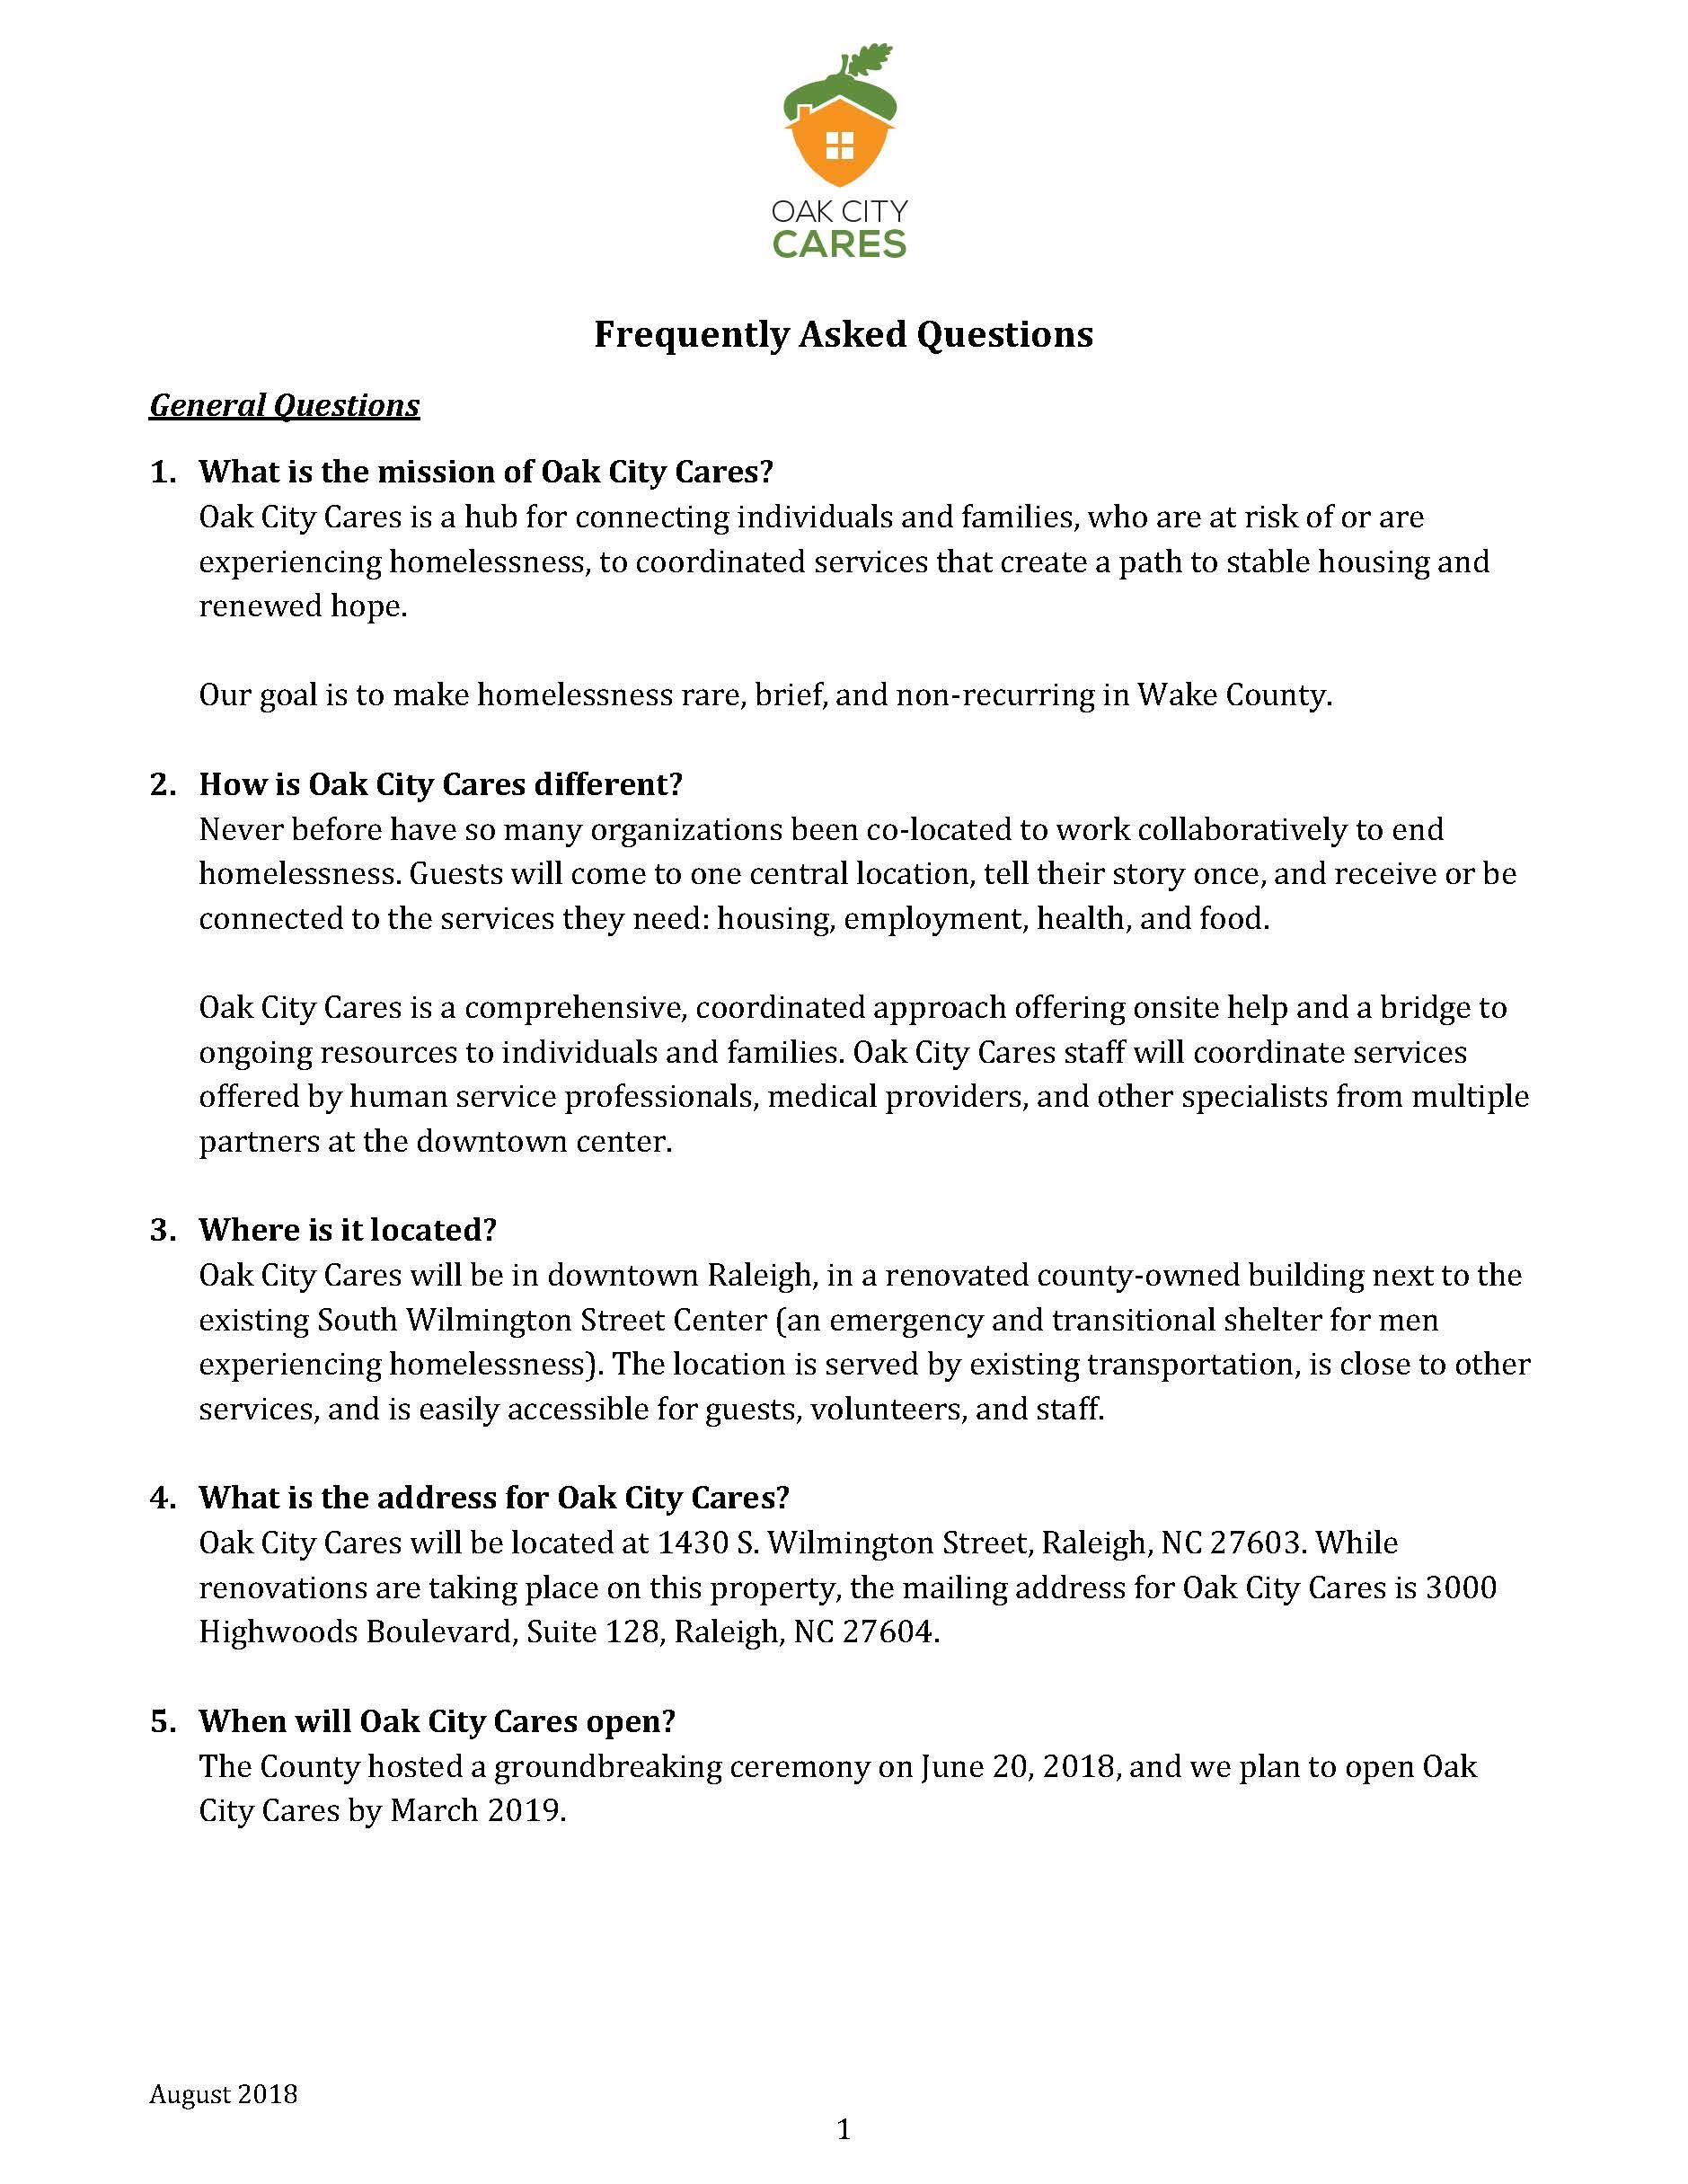 Oak City Cares FAQ